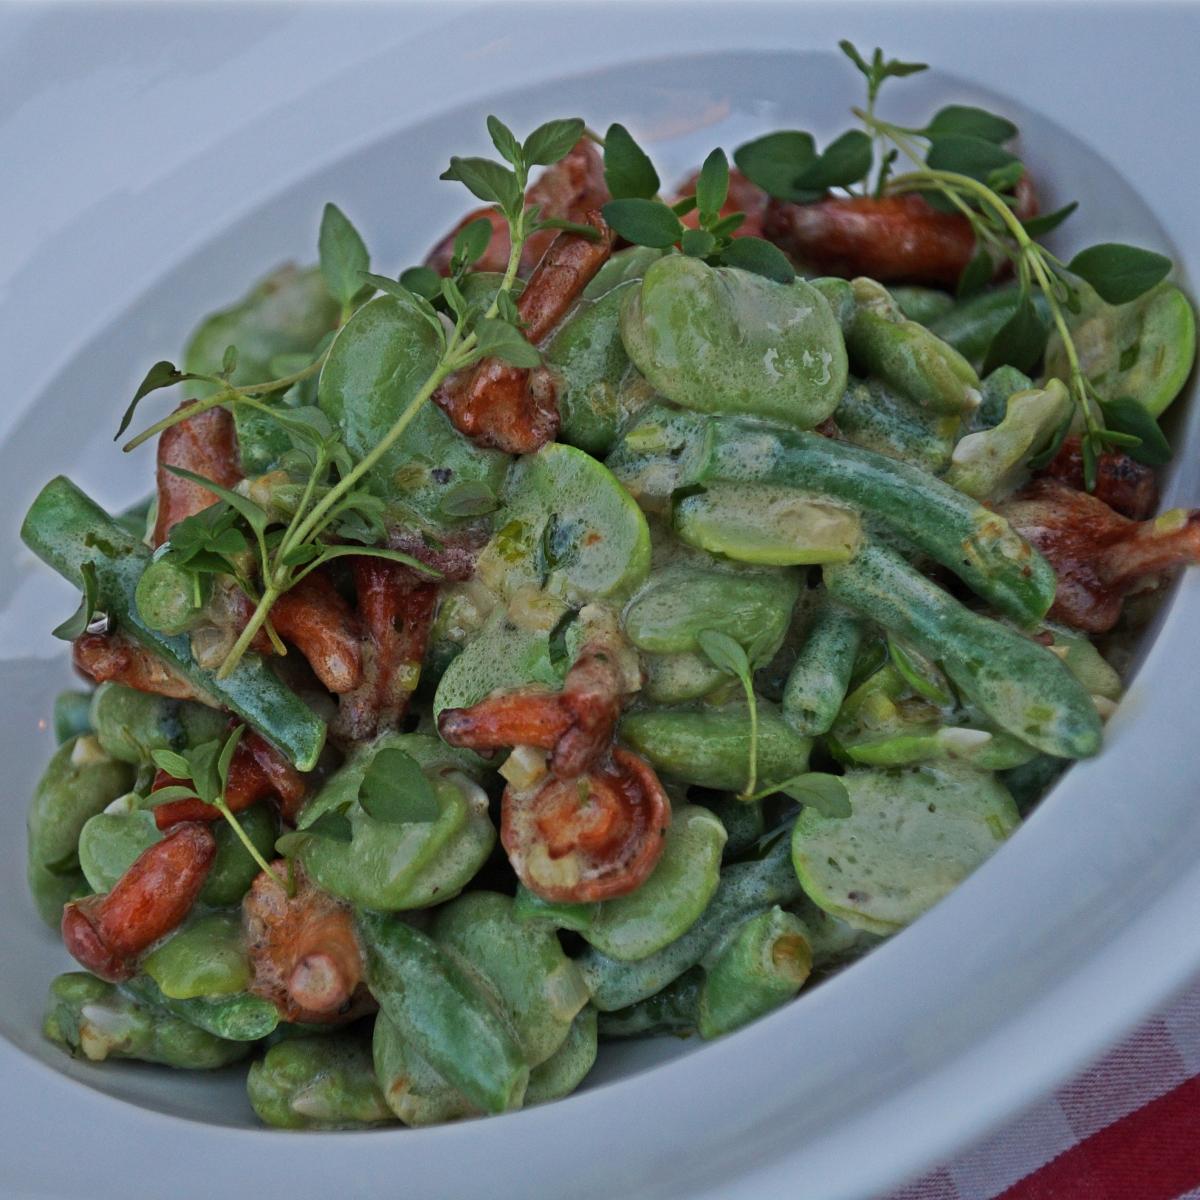 Pyszna sałatka z bobu, zielonej fasolki i grzybów